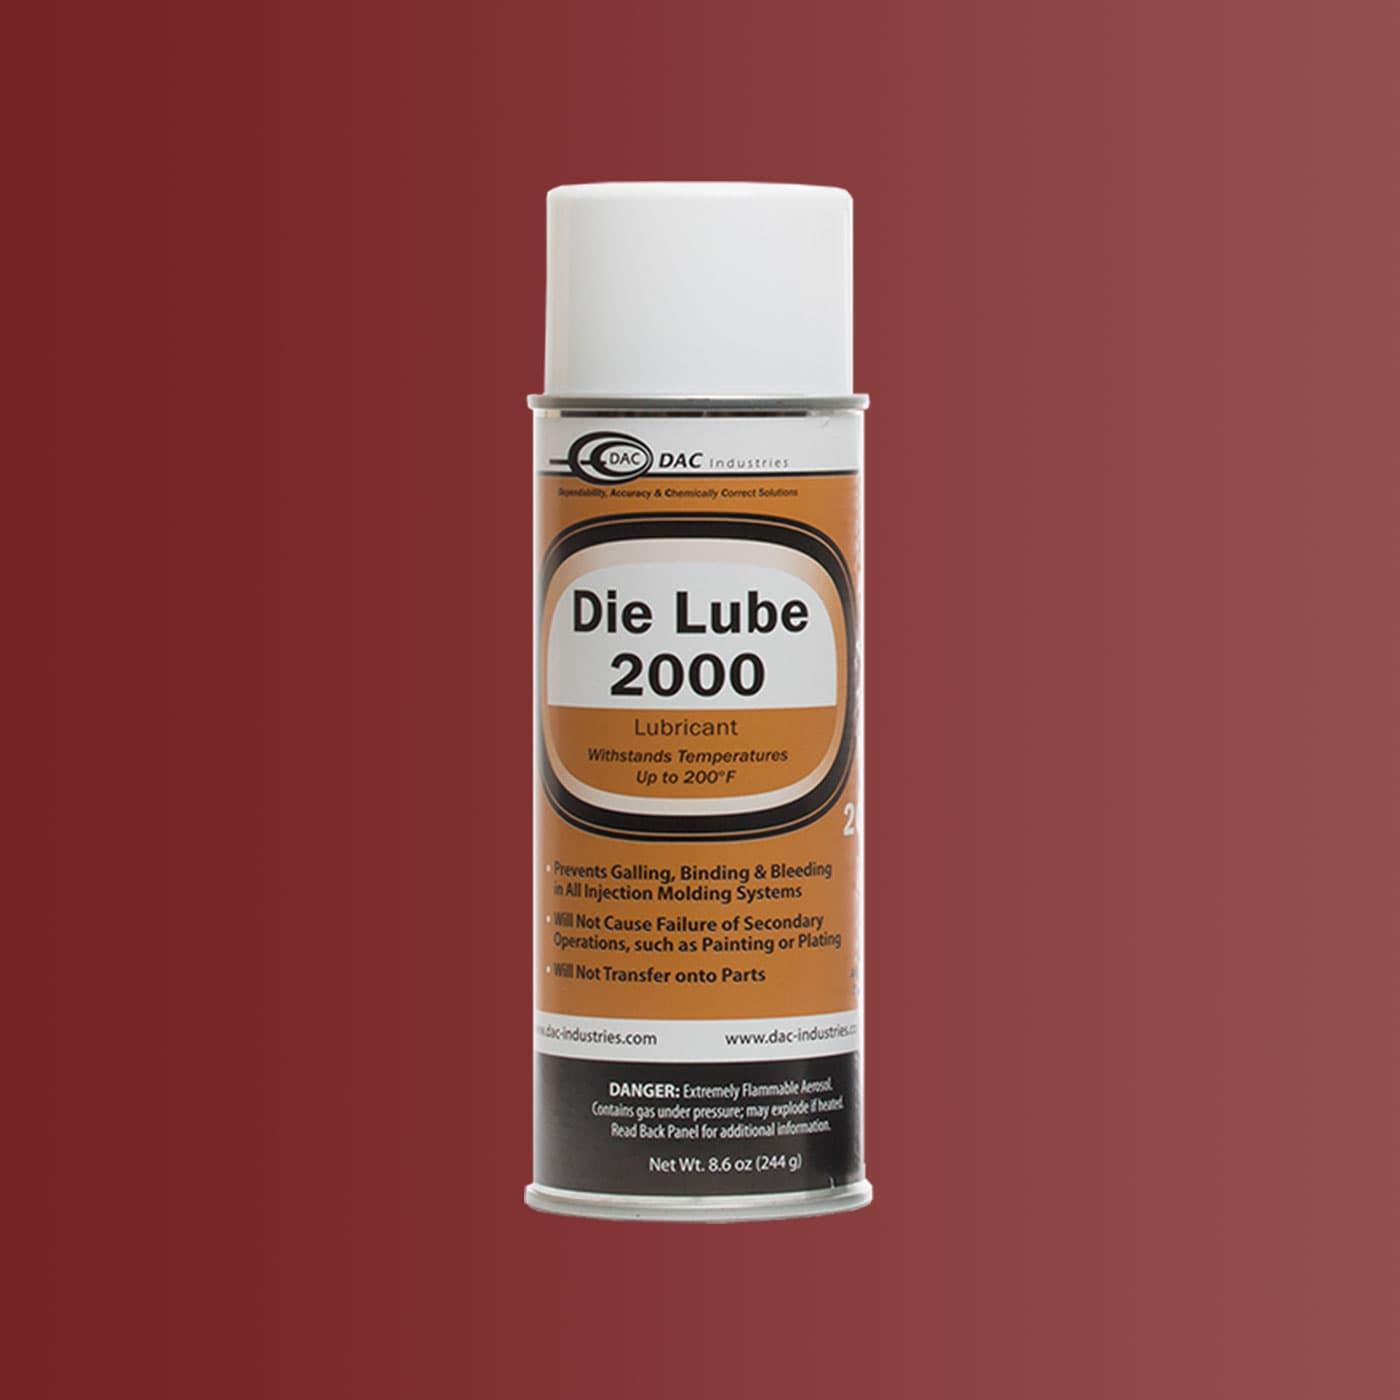 DAC-200DIE LUBE 2000